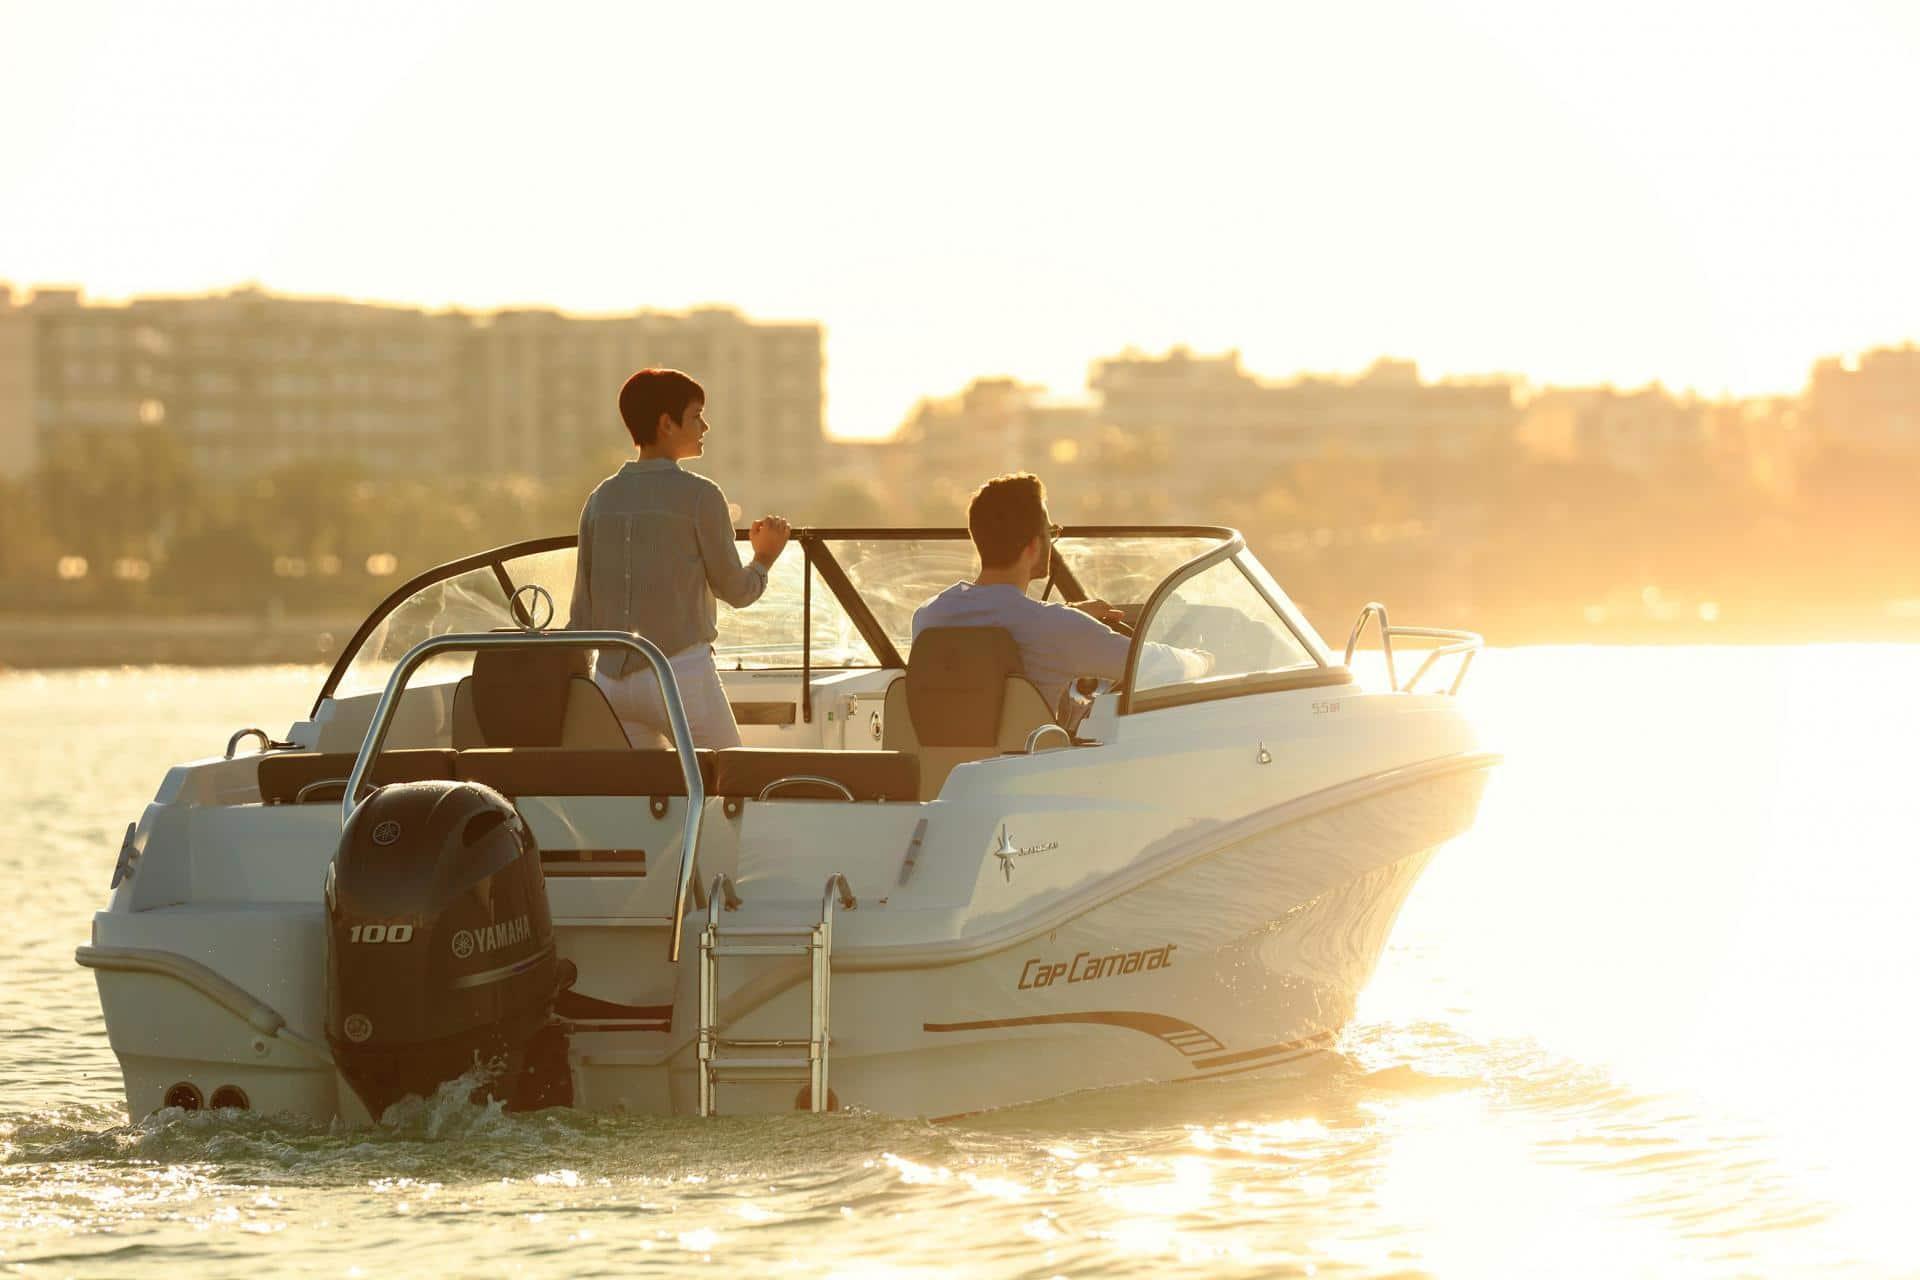 5.5 br فروش قایق (6)